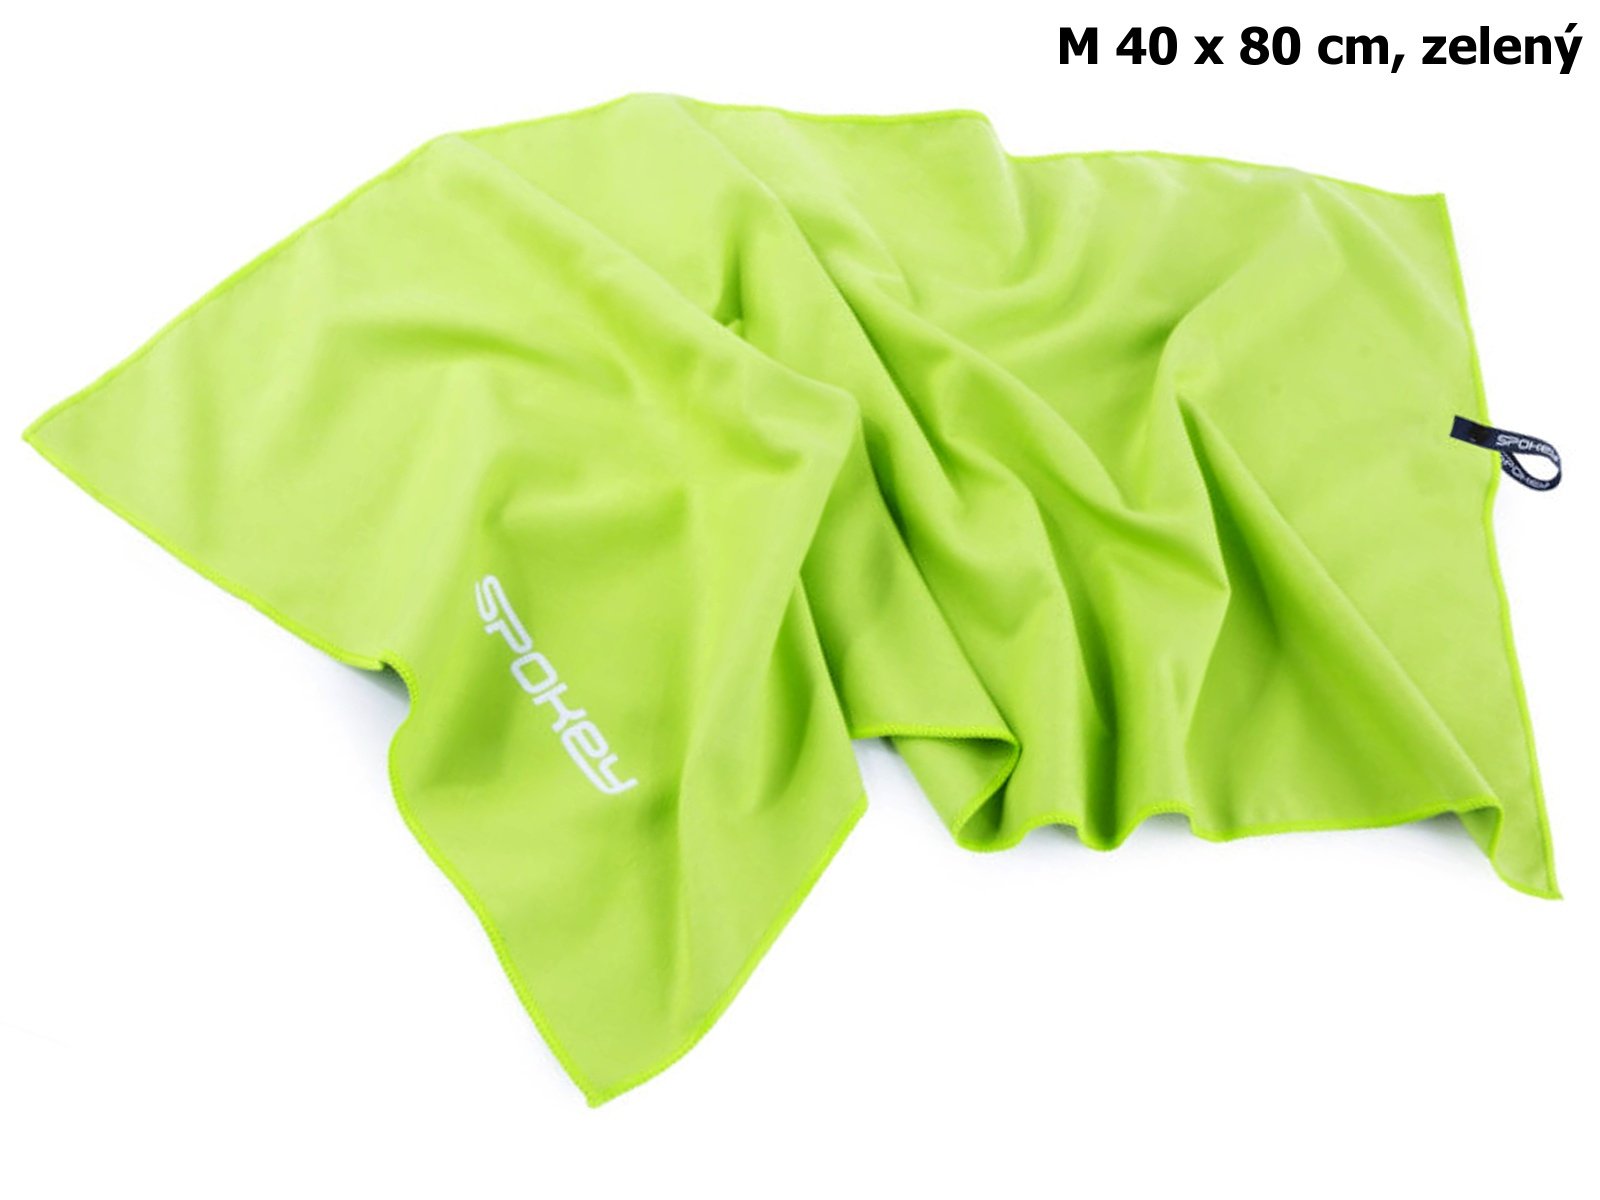 Rychleschnoucí ručník SPOKEY Sirocco M 40 x 80 cm, zelený